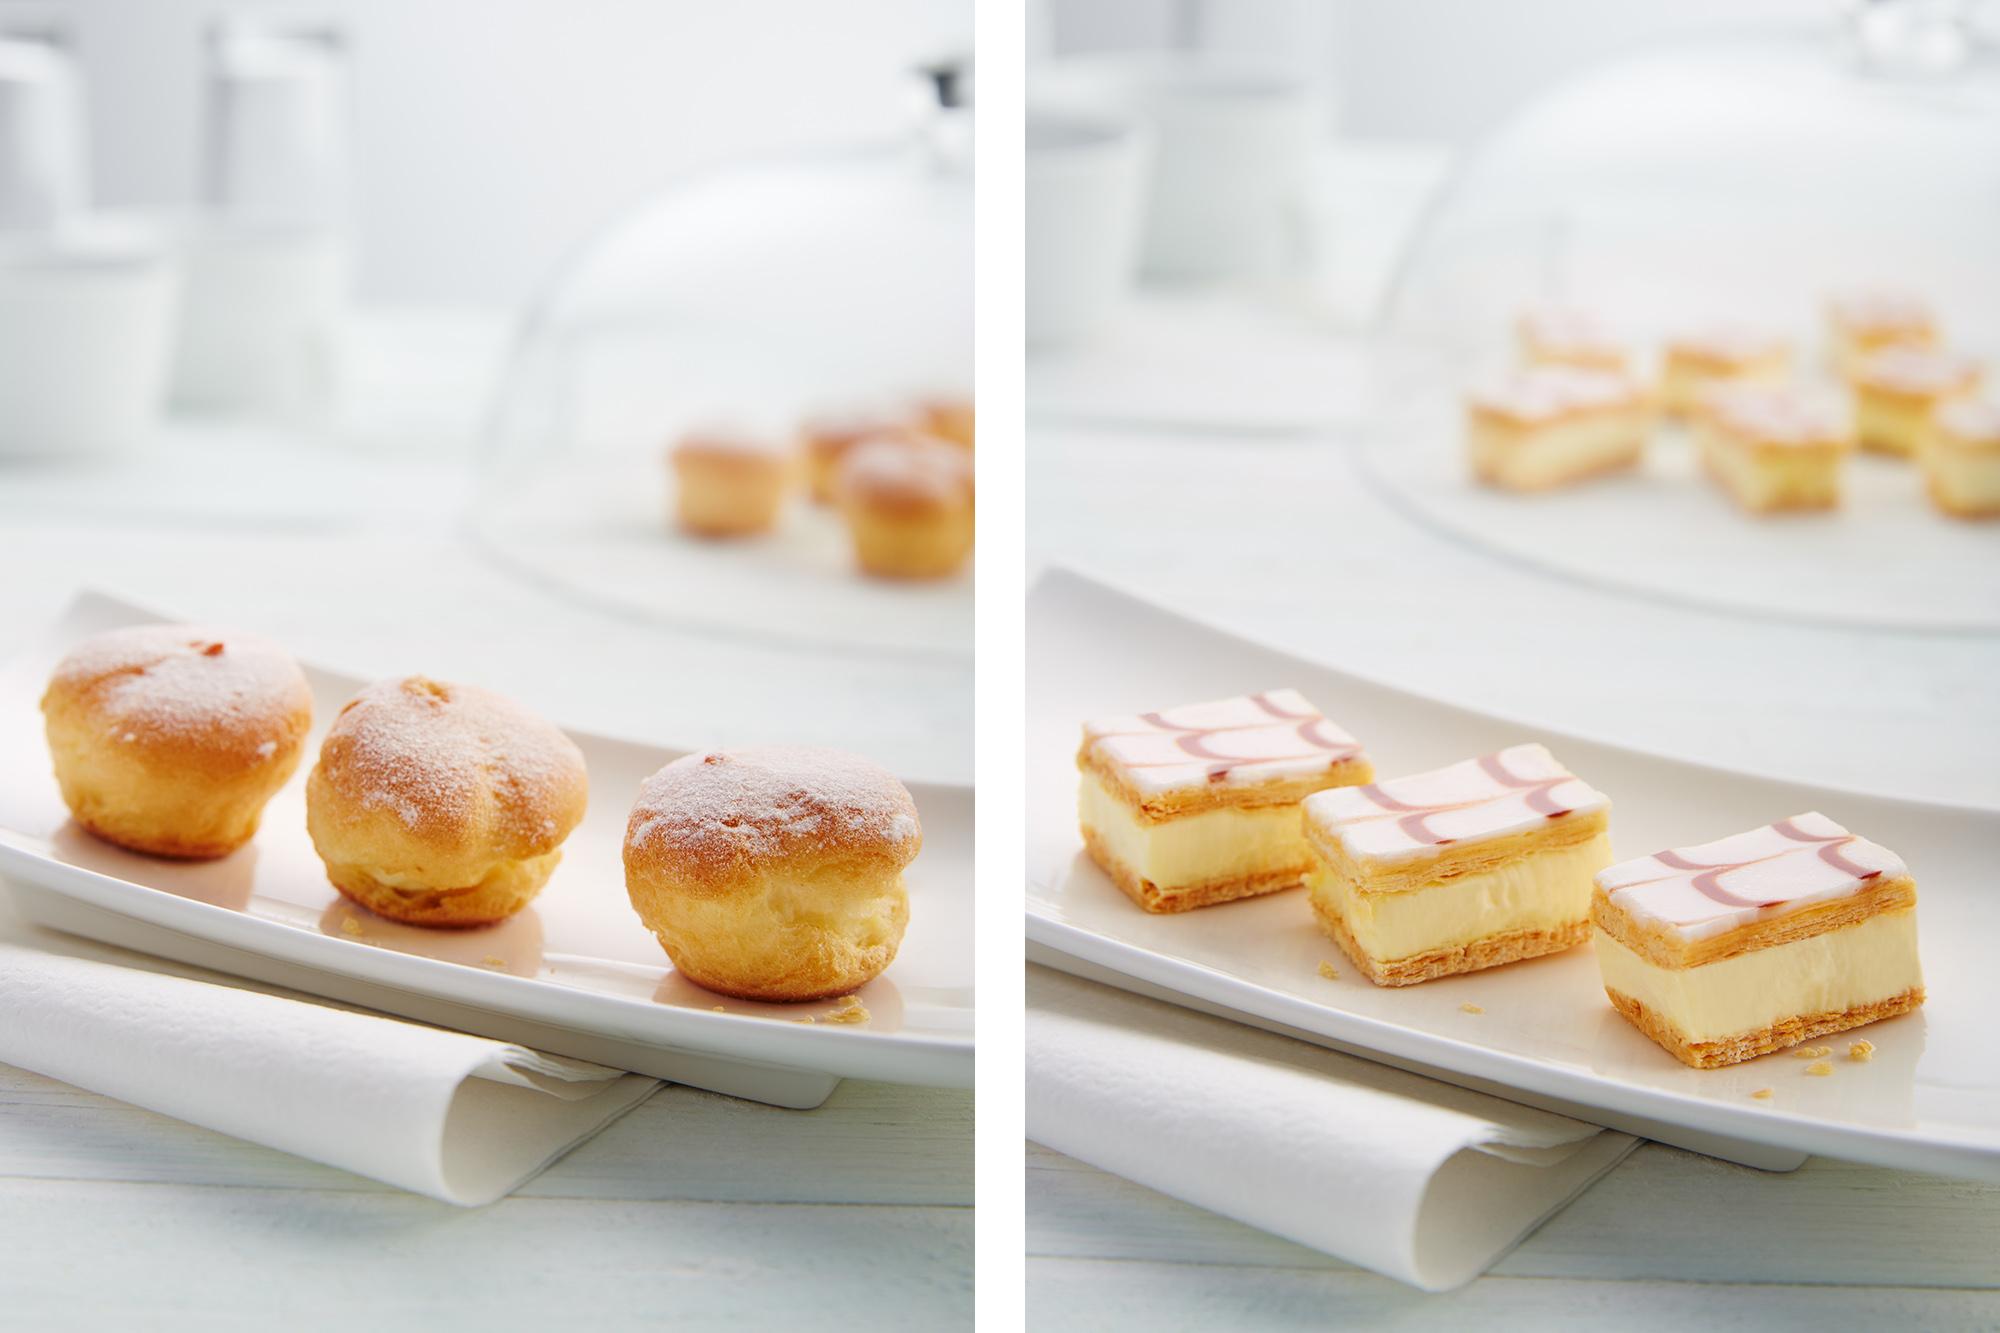 SPUISERS AA bakeries product fotografie culinair verpakking soezen